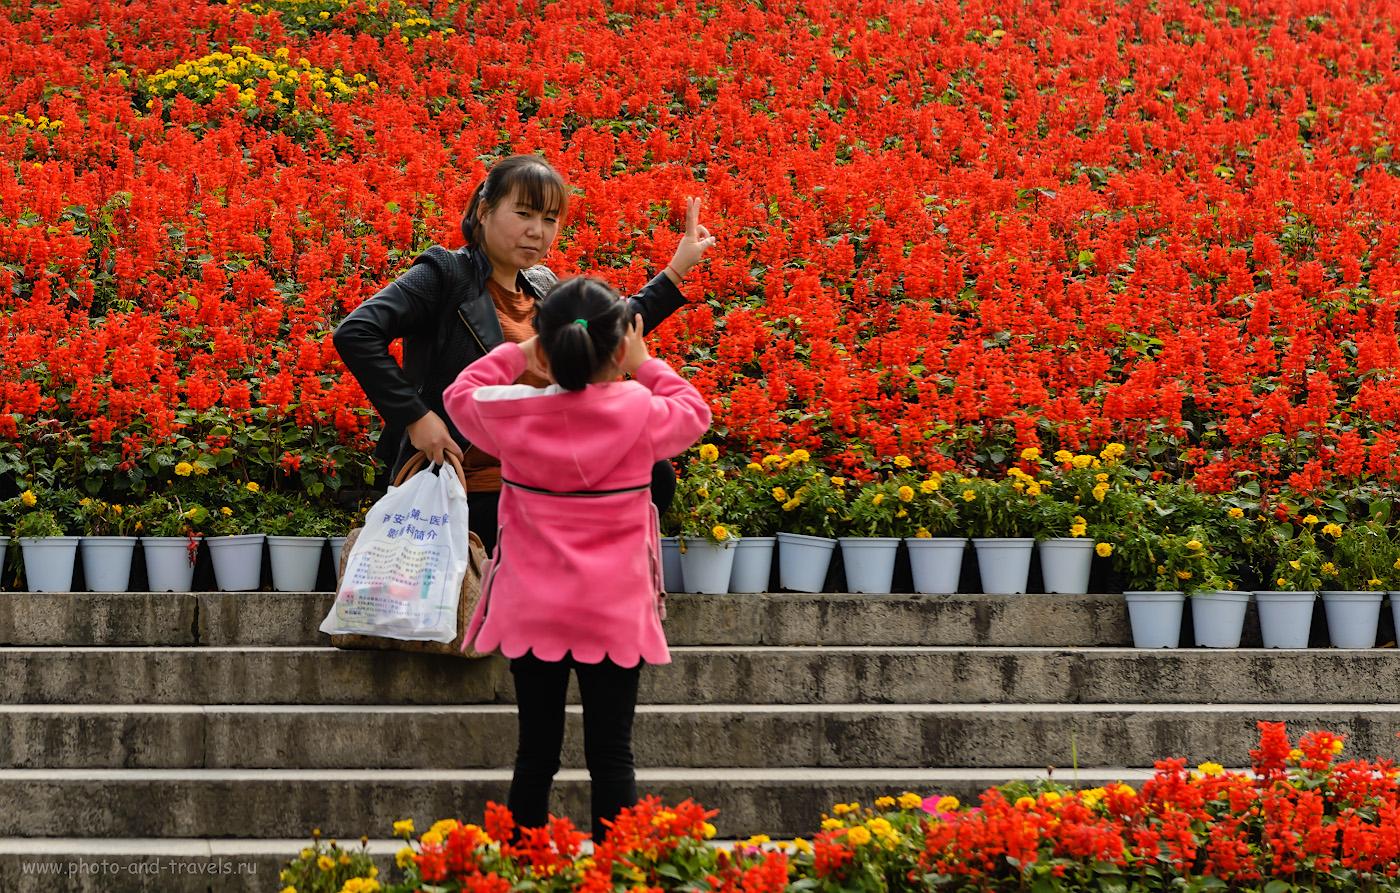 Фотография 10. Фотосессия в цветах у Колокольной башни. Отзыв об экскурсиях в Сиане во время путешествия по Китаю. 1/800, -1.0, 5.0, 100, 70.